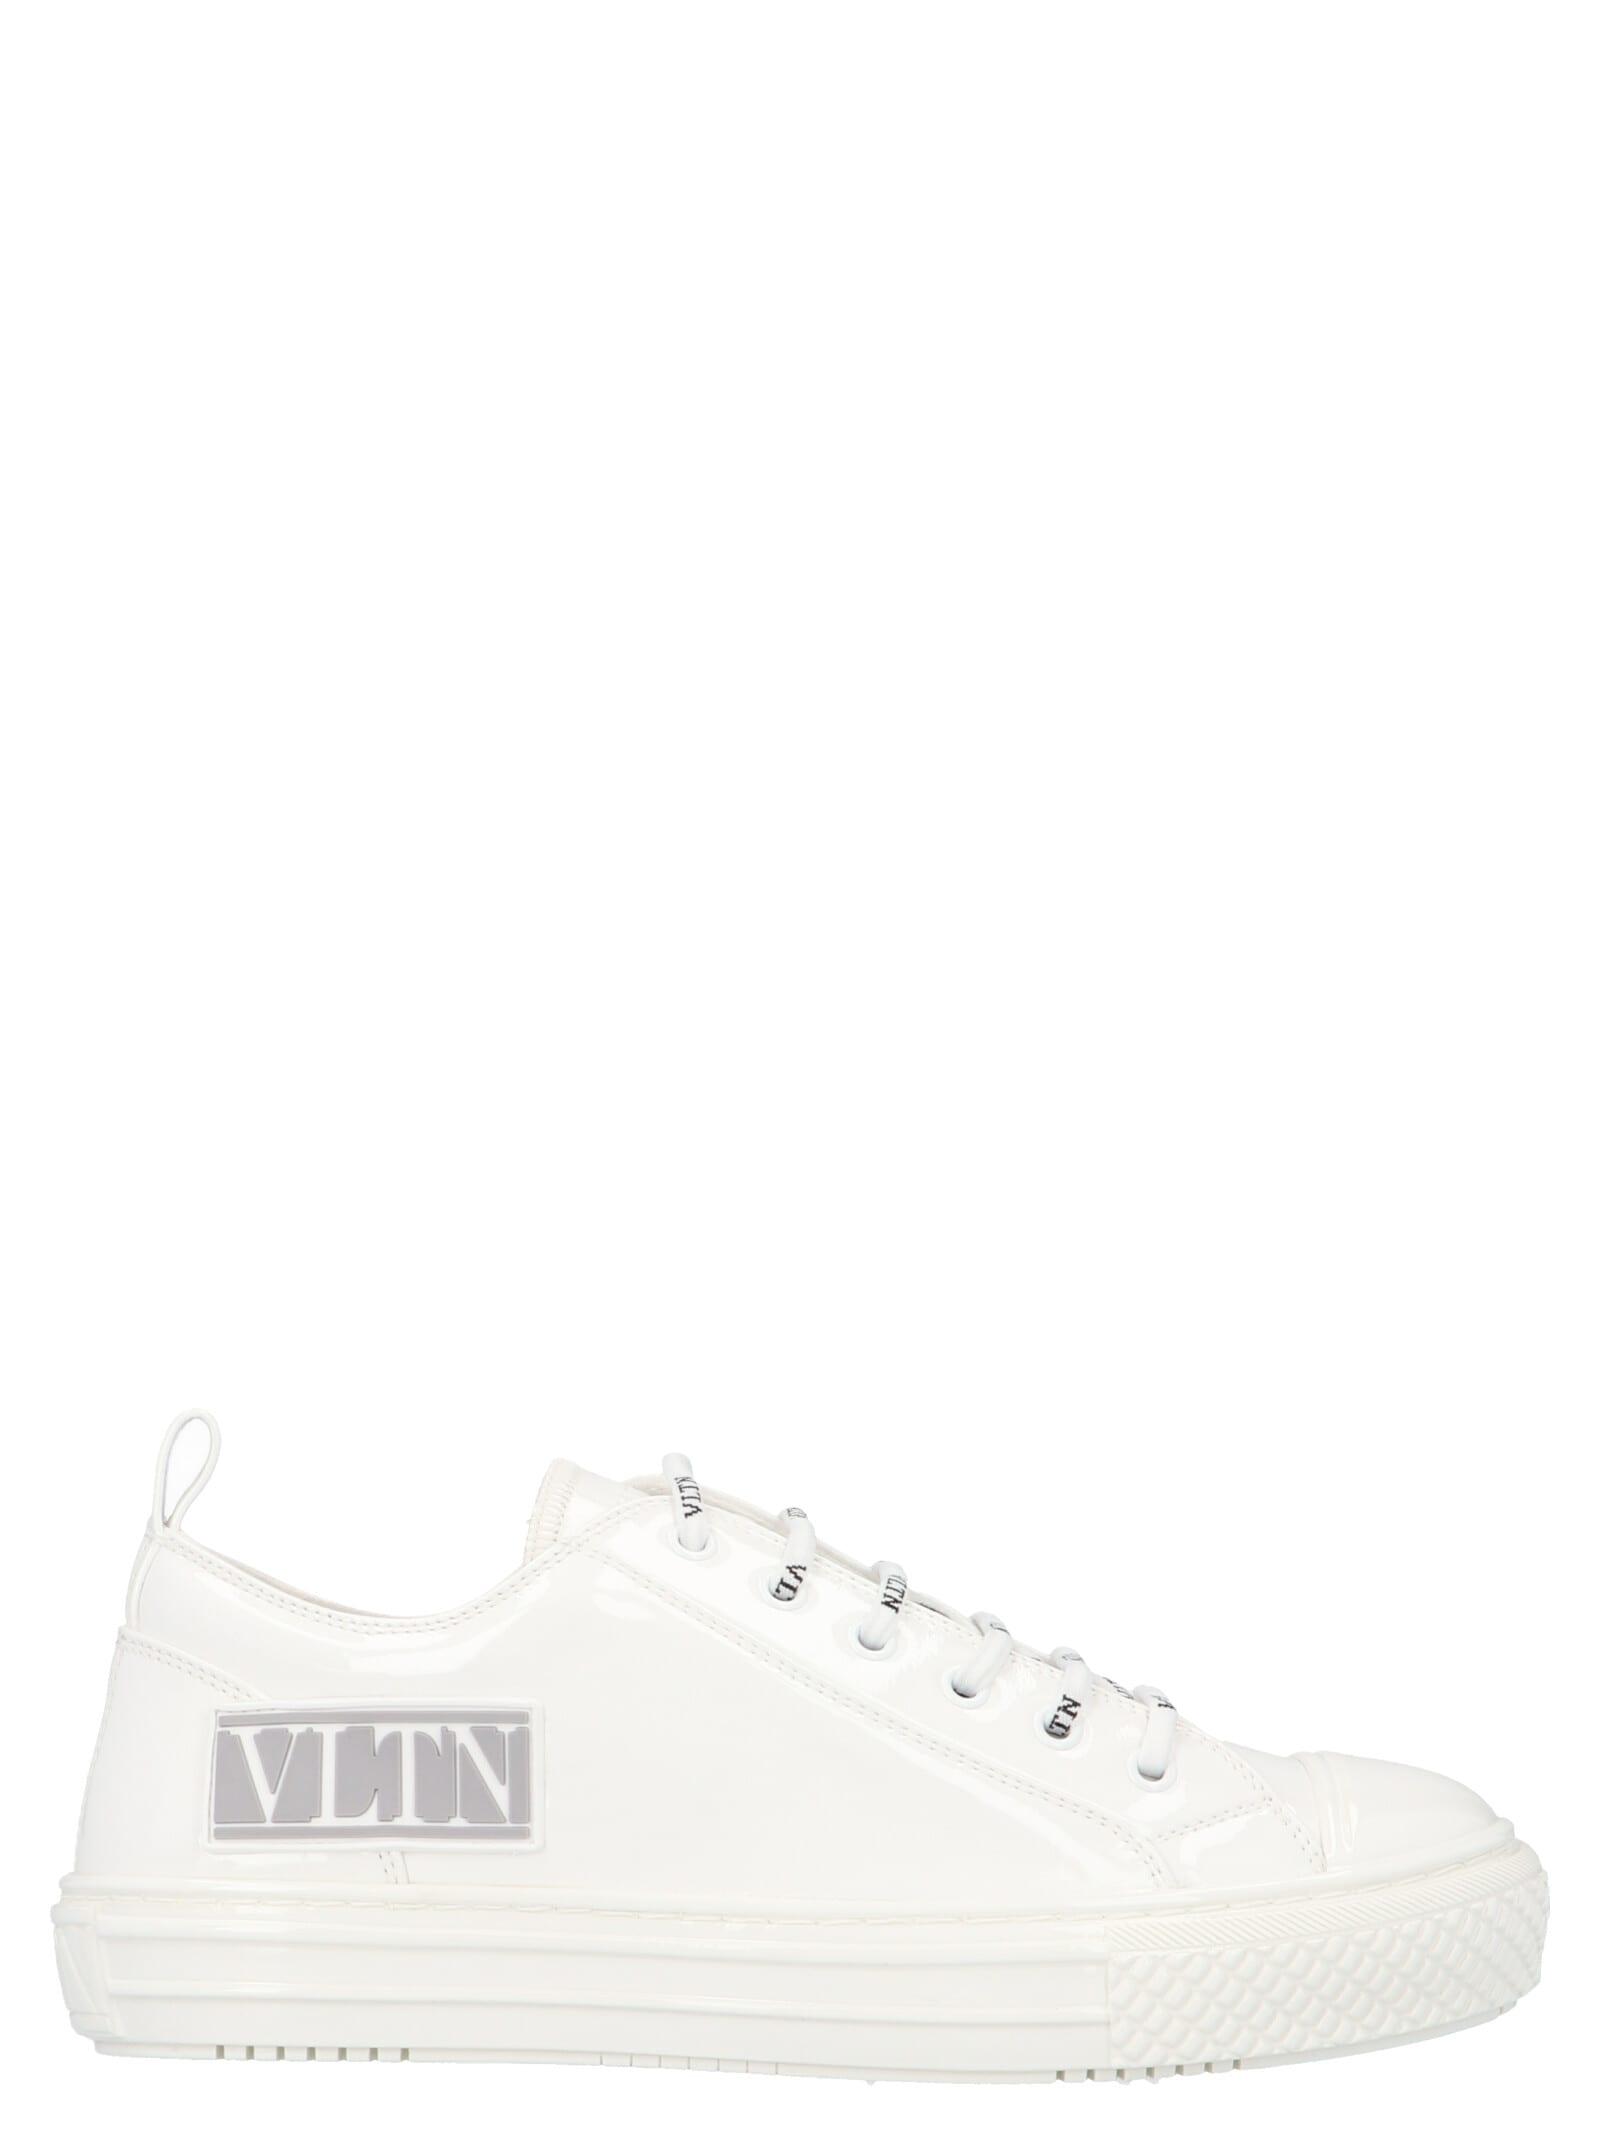 Valentino Garavani vltn Shoes